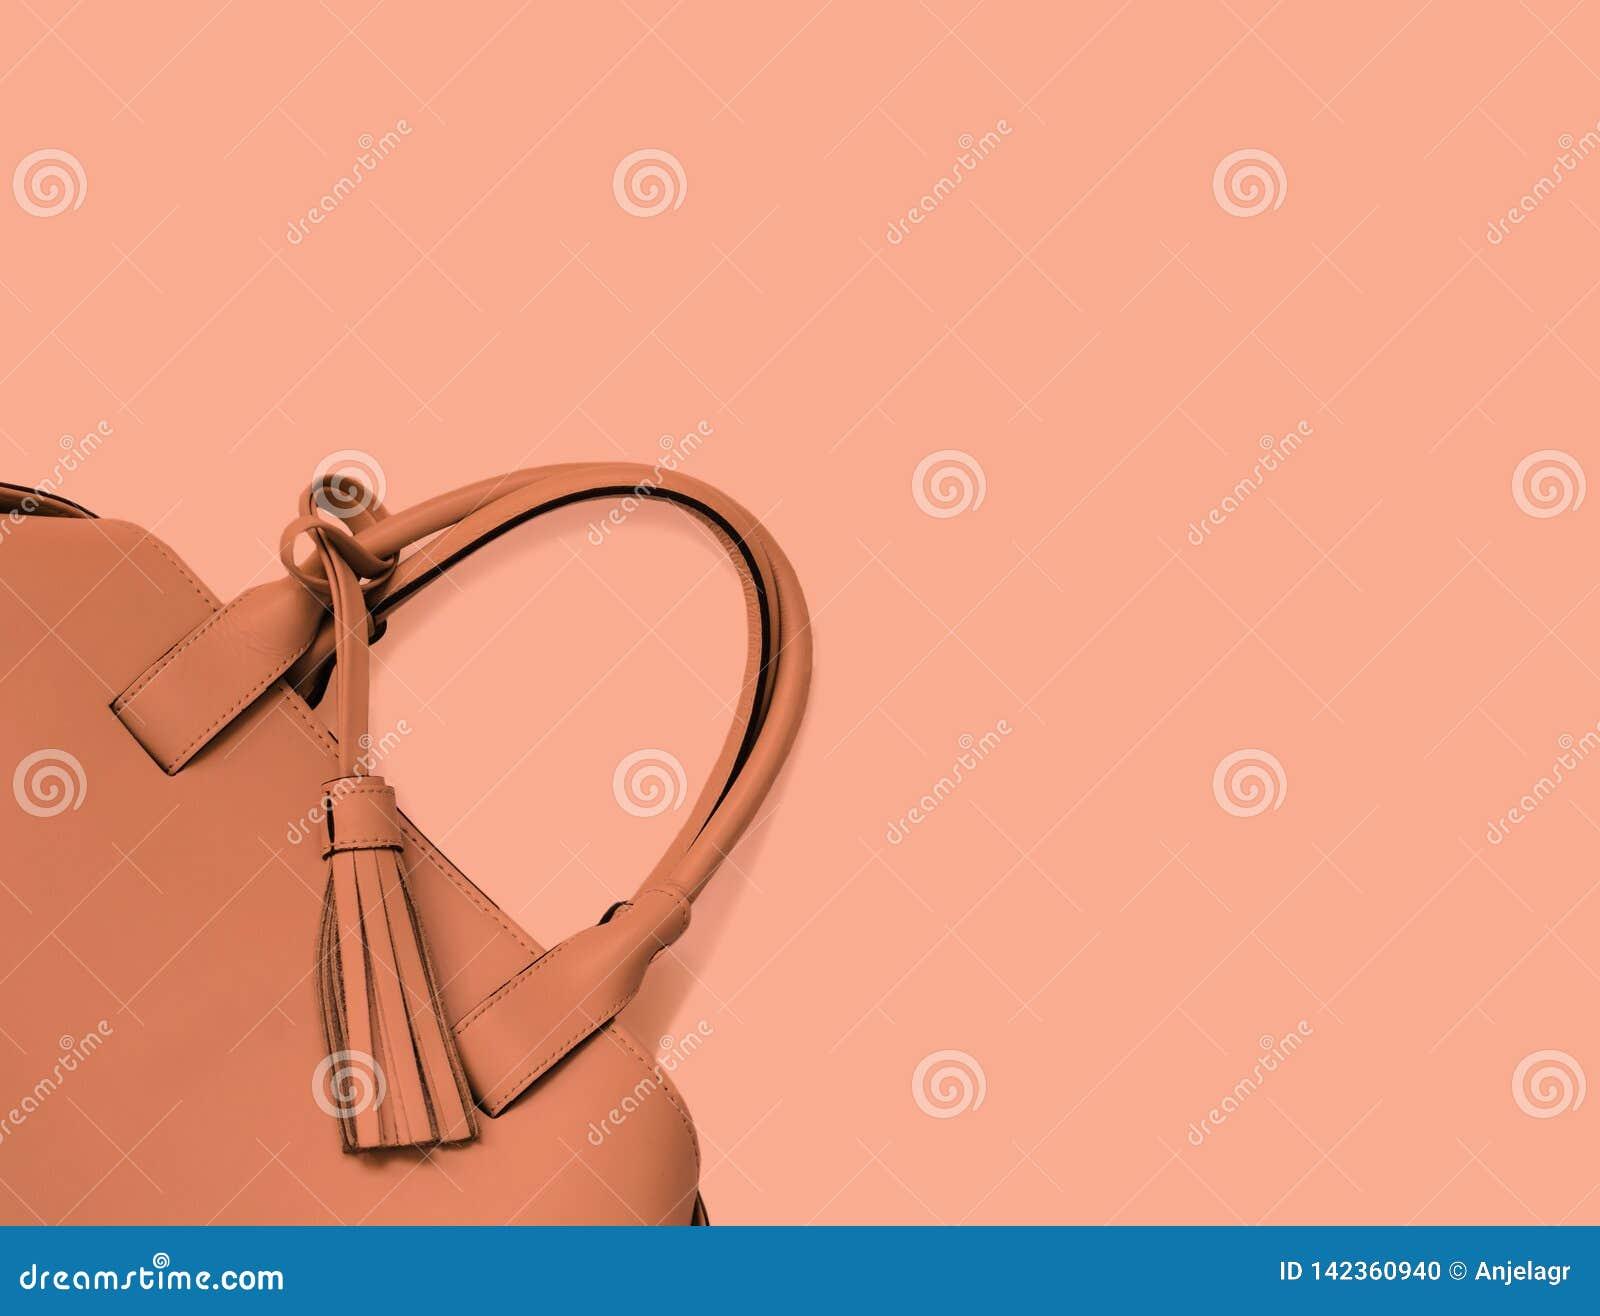 R Fondo della borsa della donna